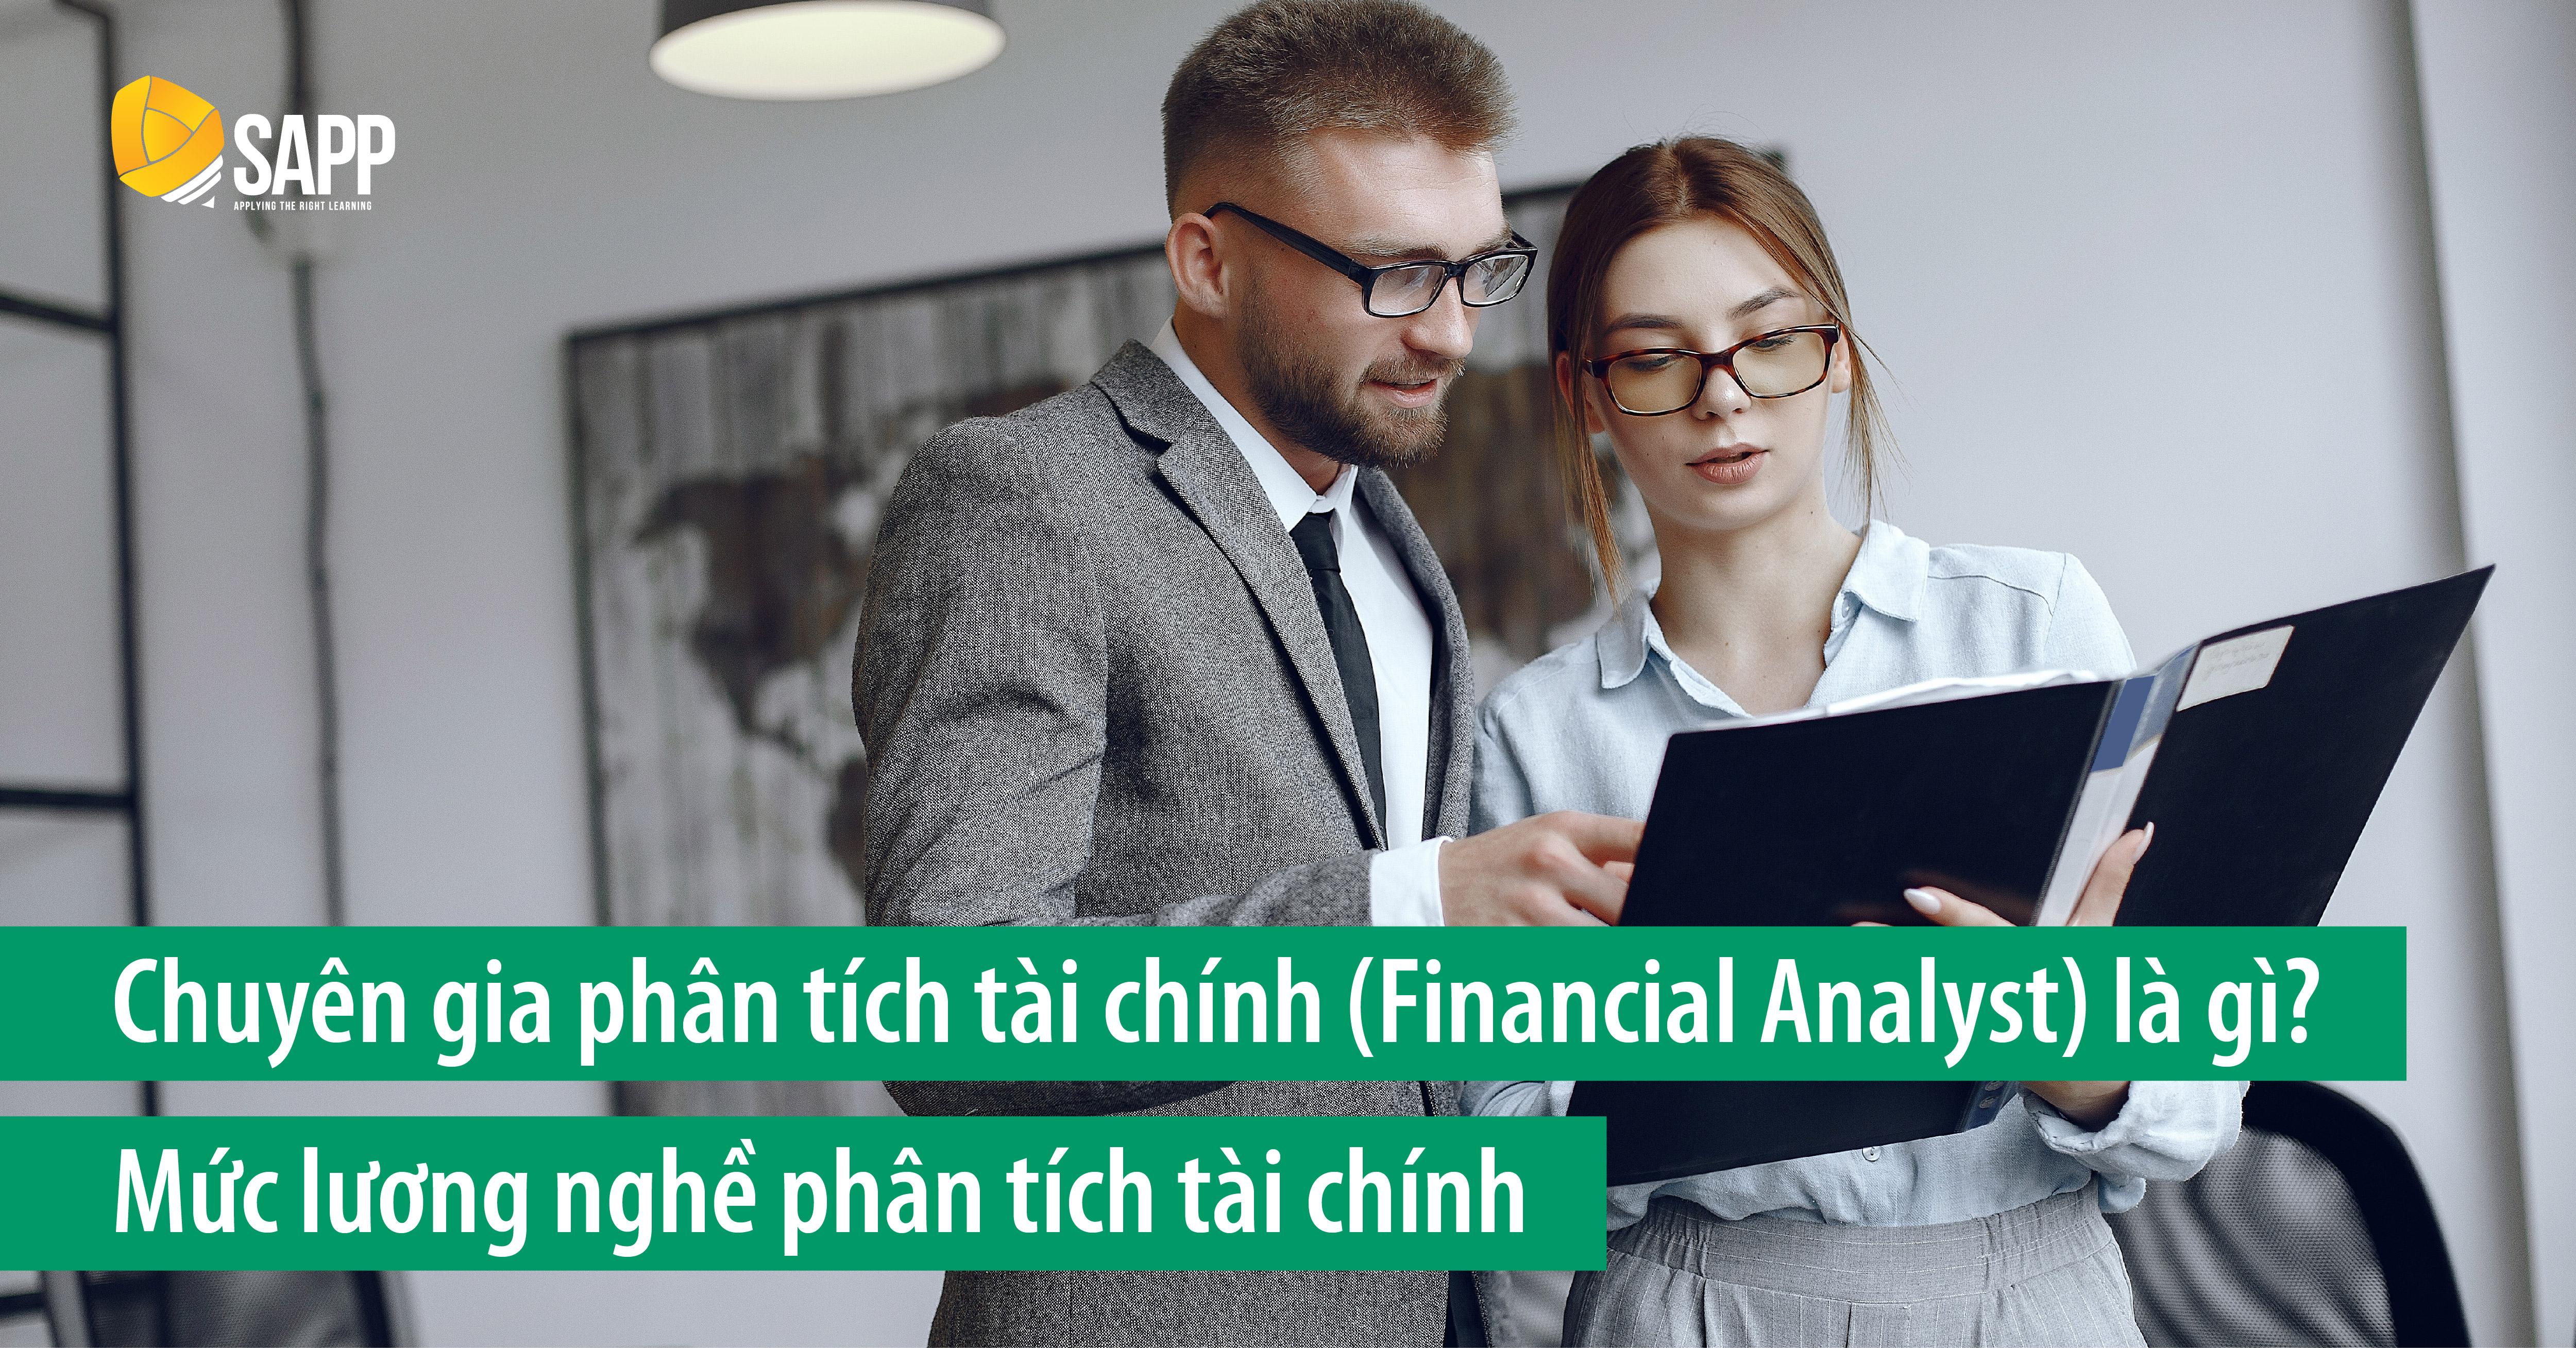 Chuyên Gia Phân Tích Tài Chính (Financial Analyst) Là Gì? Mức Lương Nghề Phân Tích Tài Chính